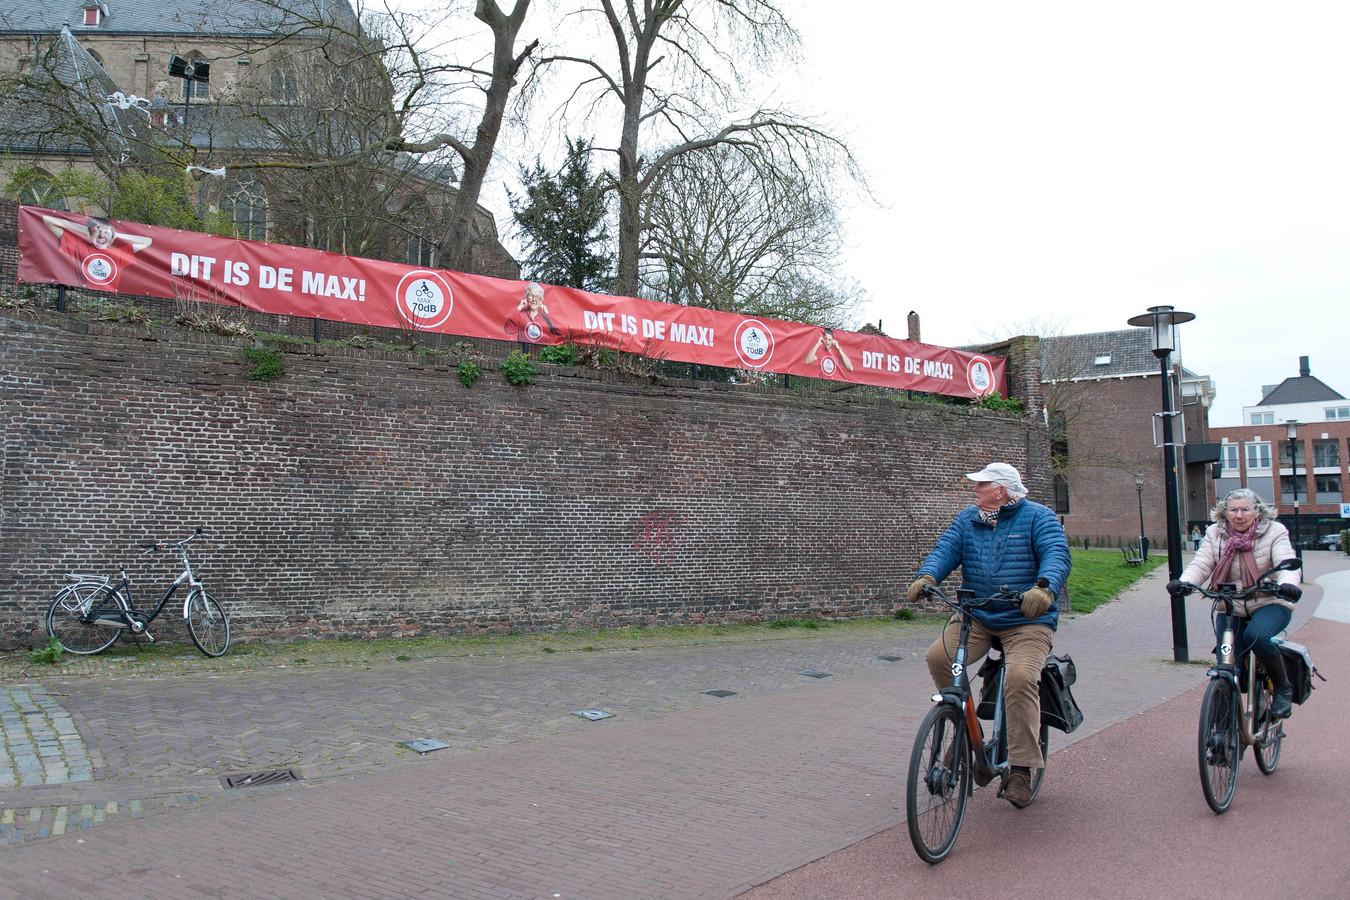 Een fietser werpt een blik op de spandoeken tegen het motorlawaai in Deventer. Op de achtergrond de Bergkerk.